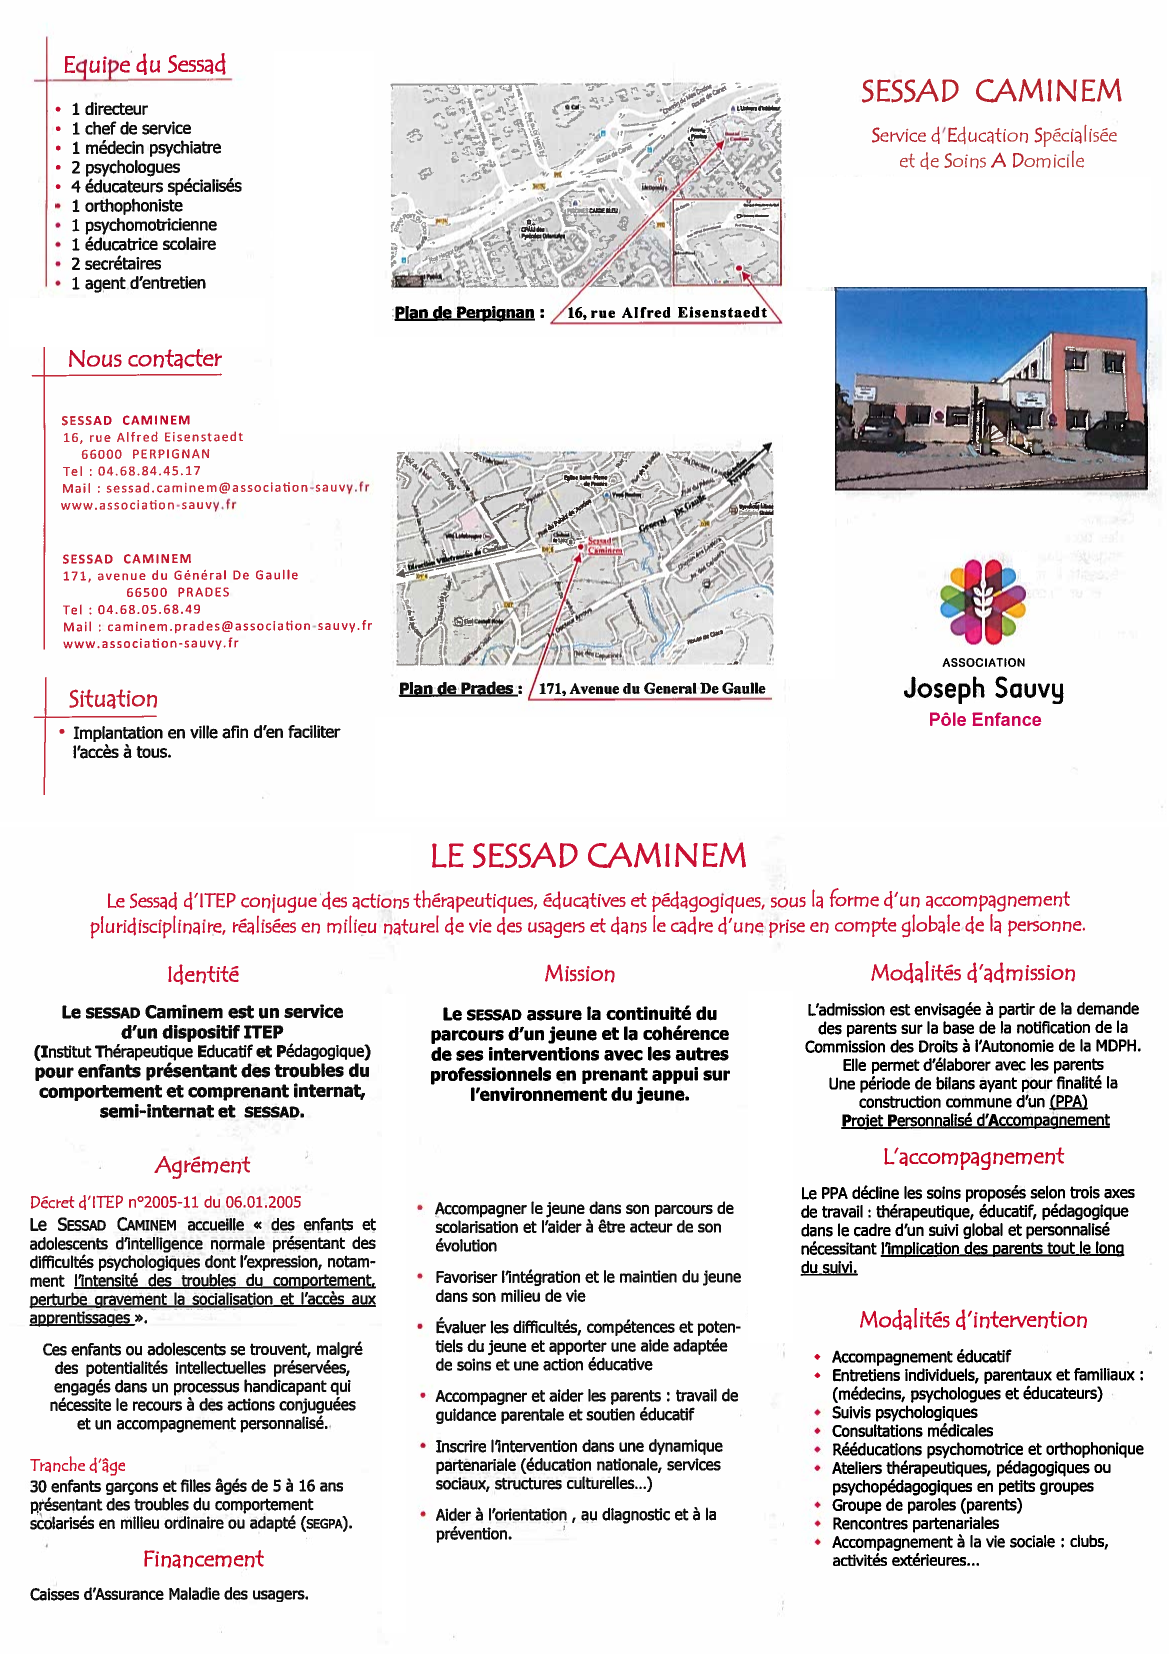 rencontres perpignan 66000